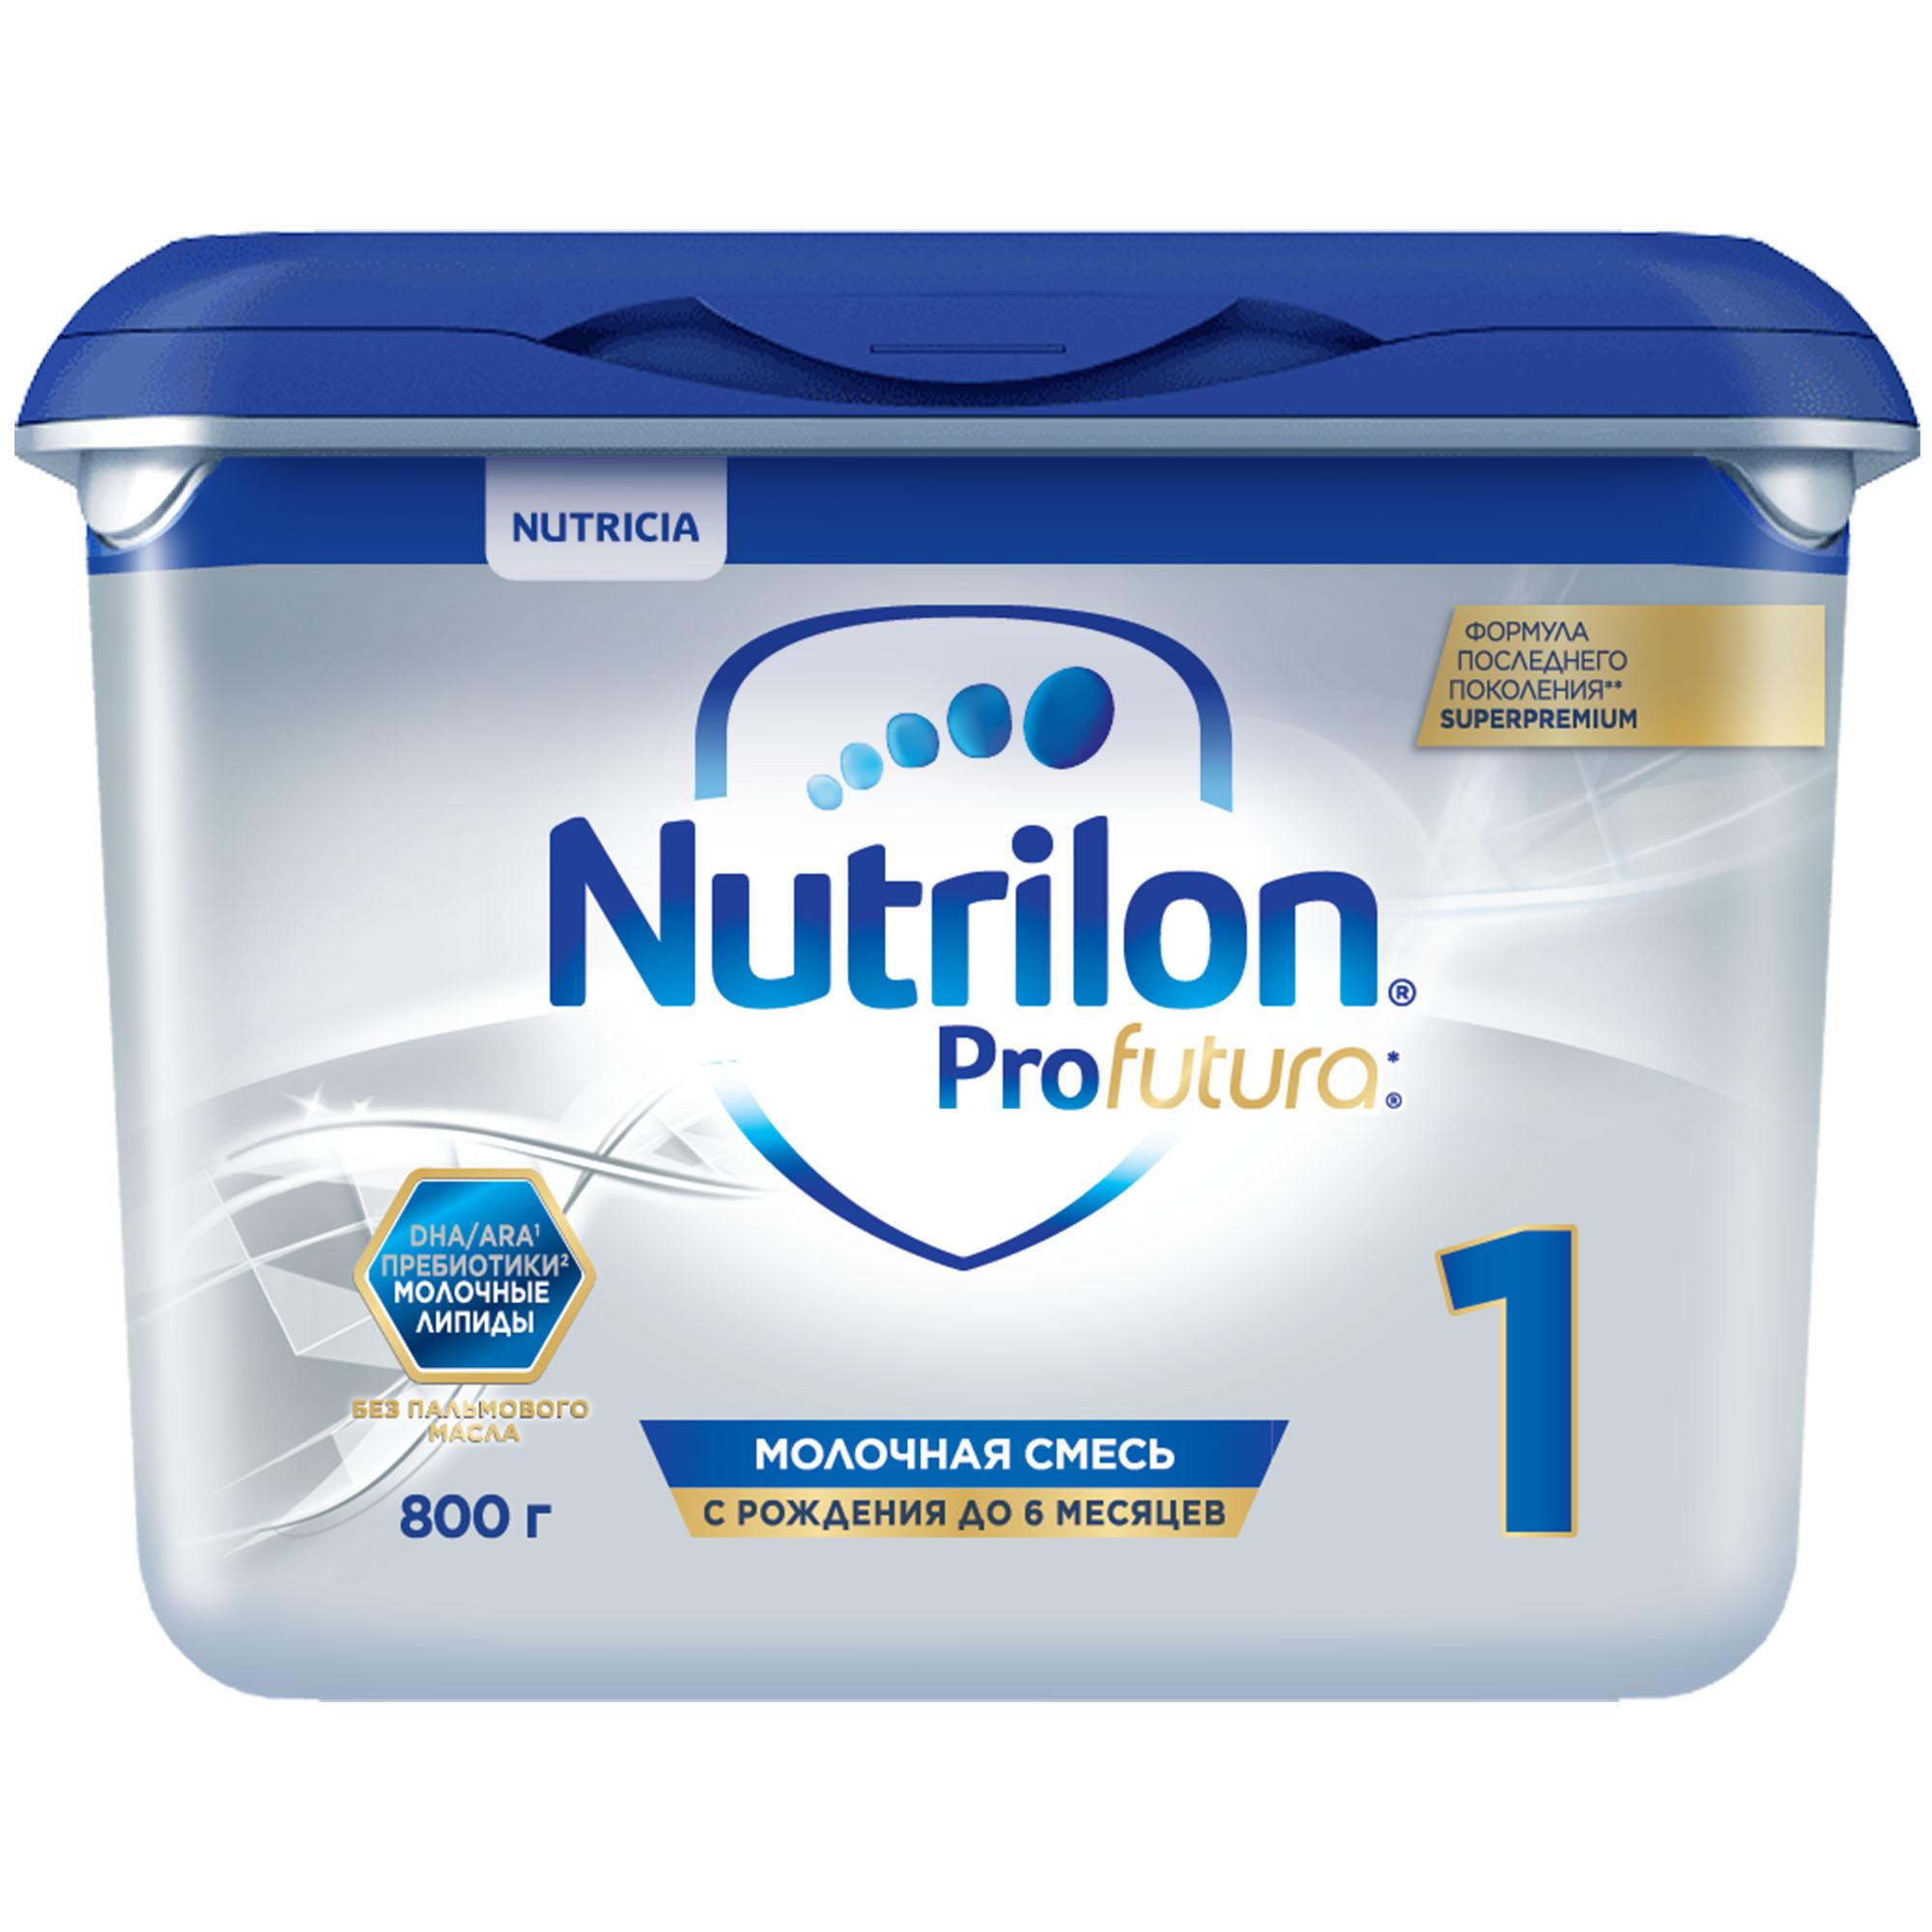 Молочная смесь Nutrilon Superpremium ProFutura от